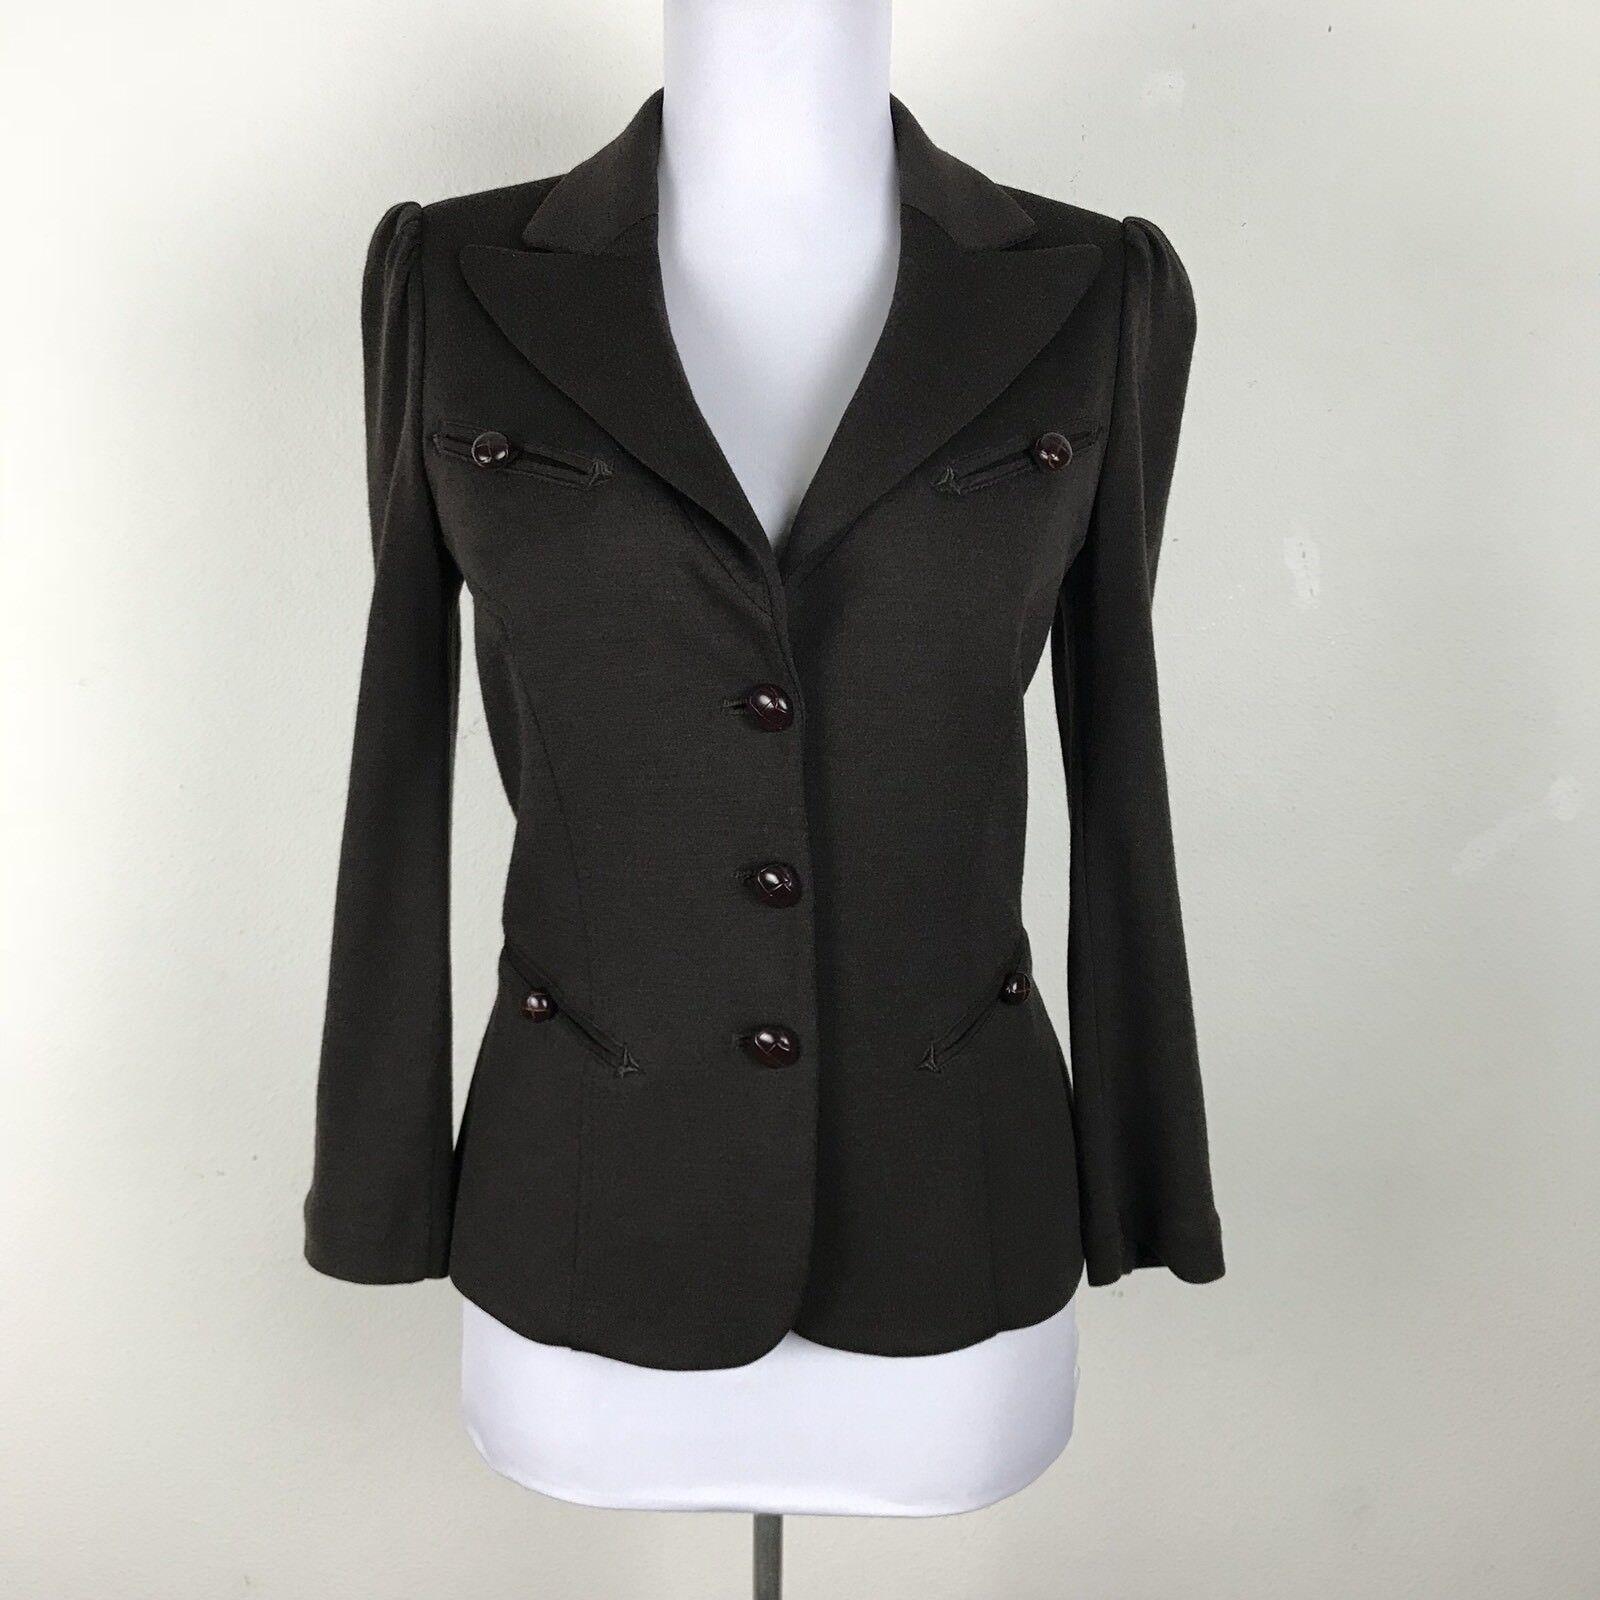 Diane Von Furstenburg Blazer Size 4 Retro vtg 40s style Brown Wool Career Work